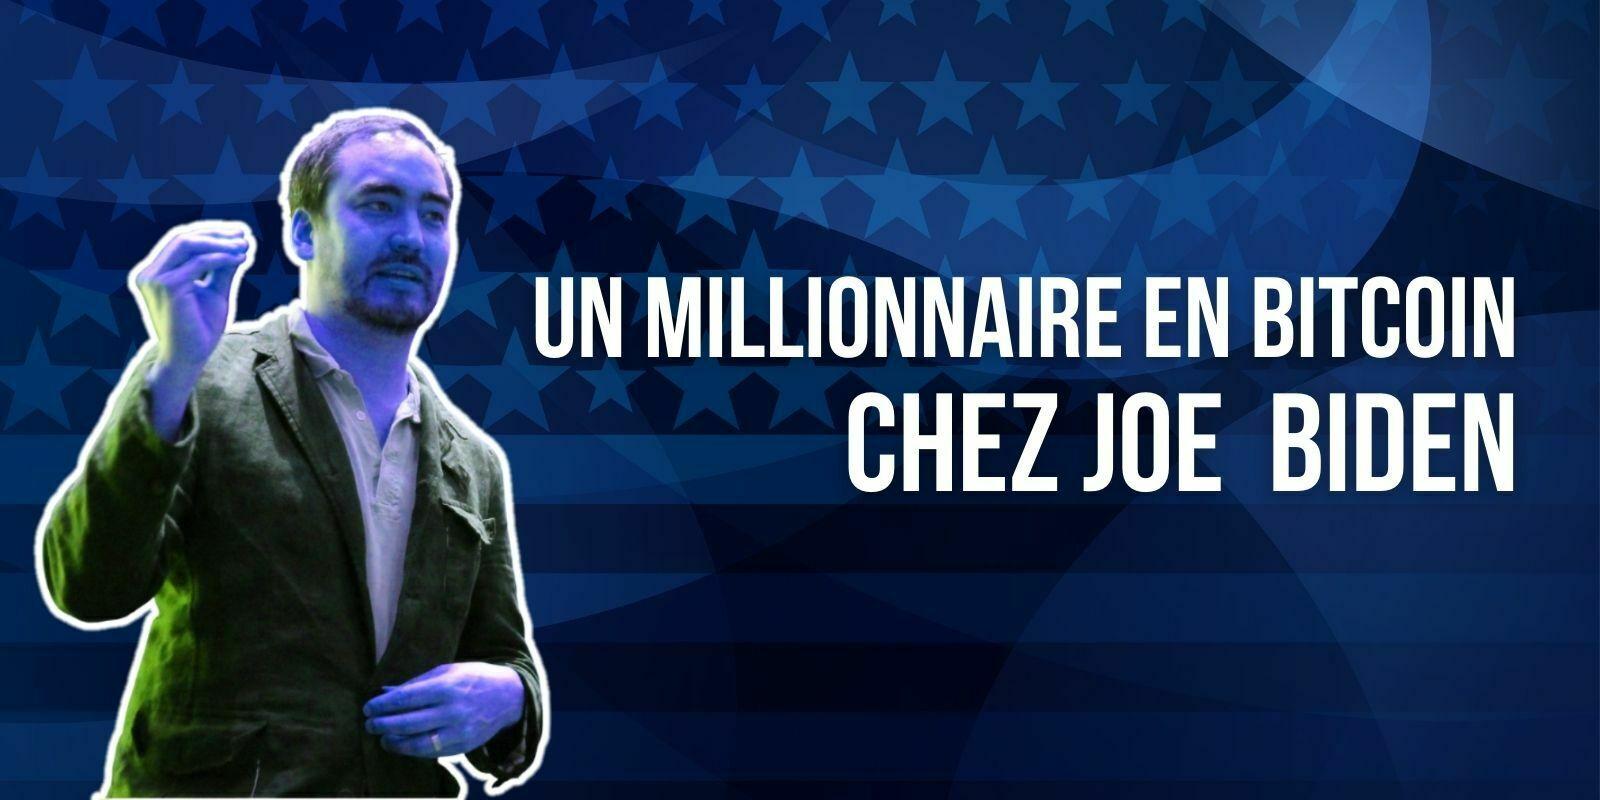 Un des conseillers principaux de Joe Biden détiendrait 5 millions de dollars en cryptomonnaies